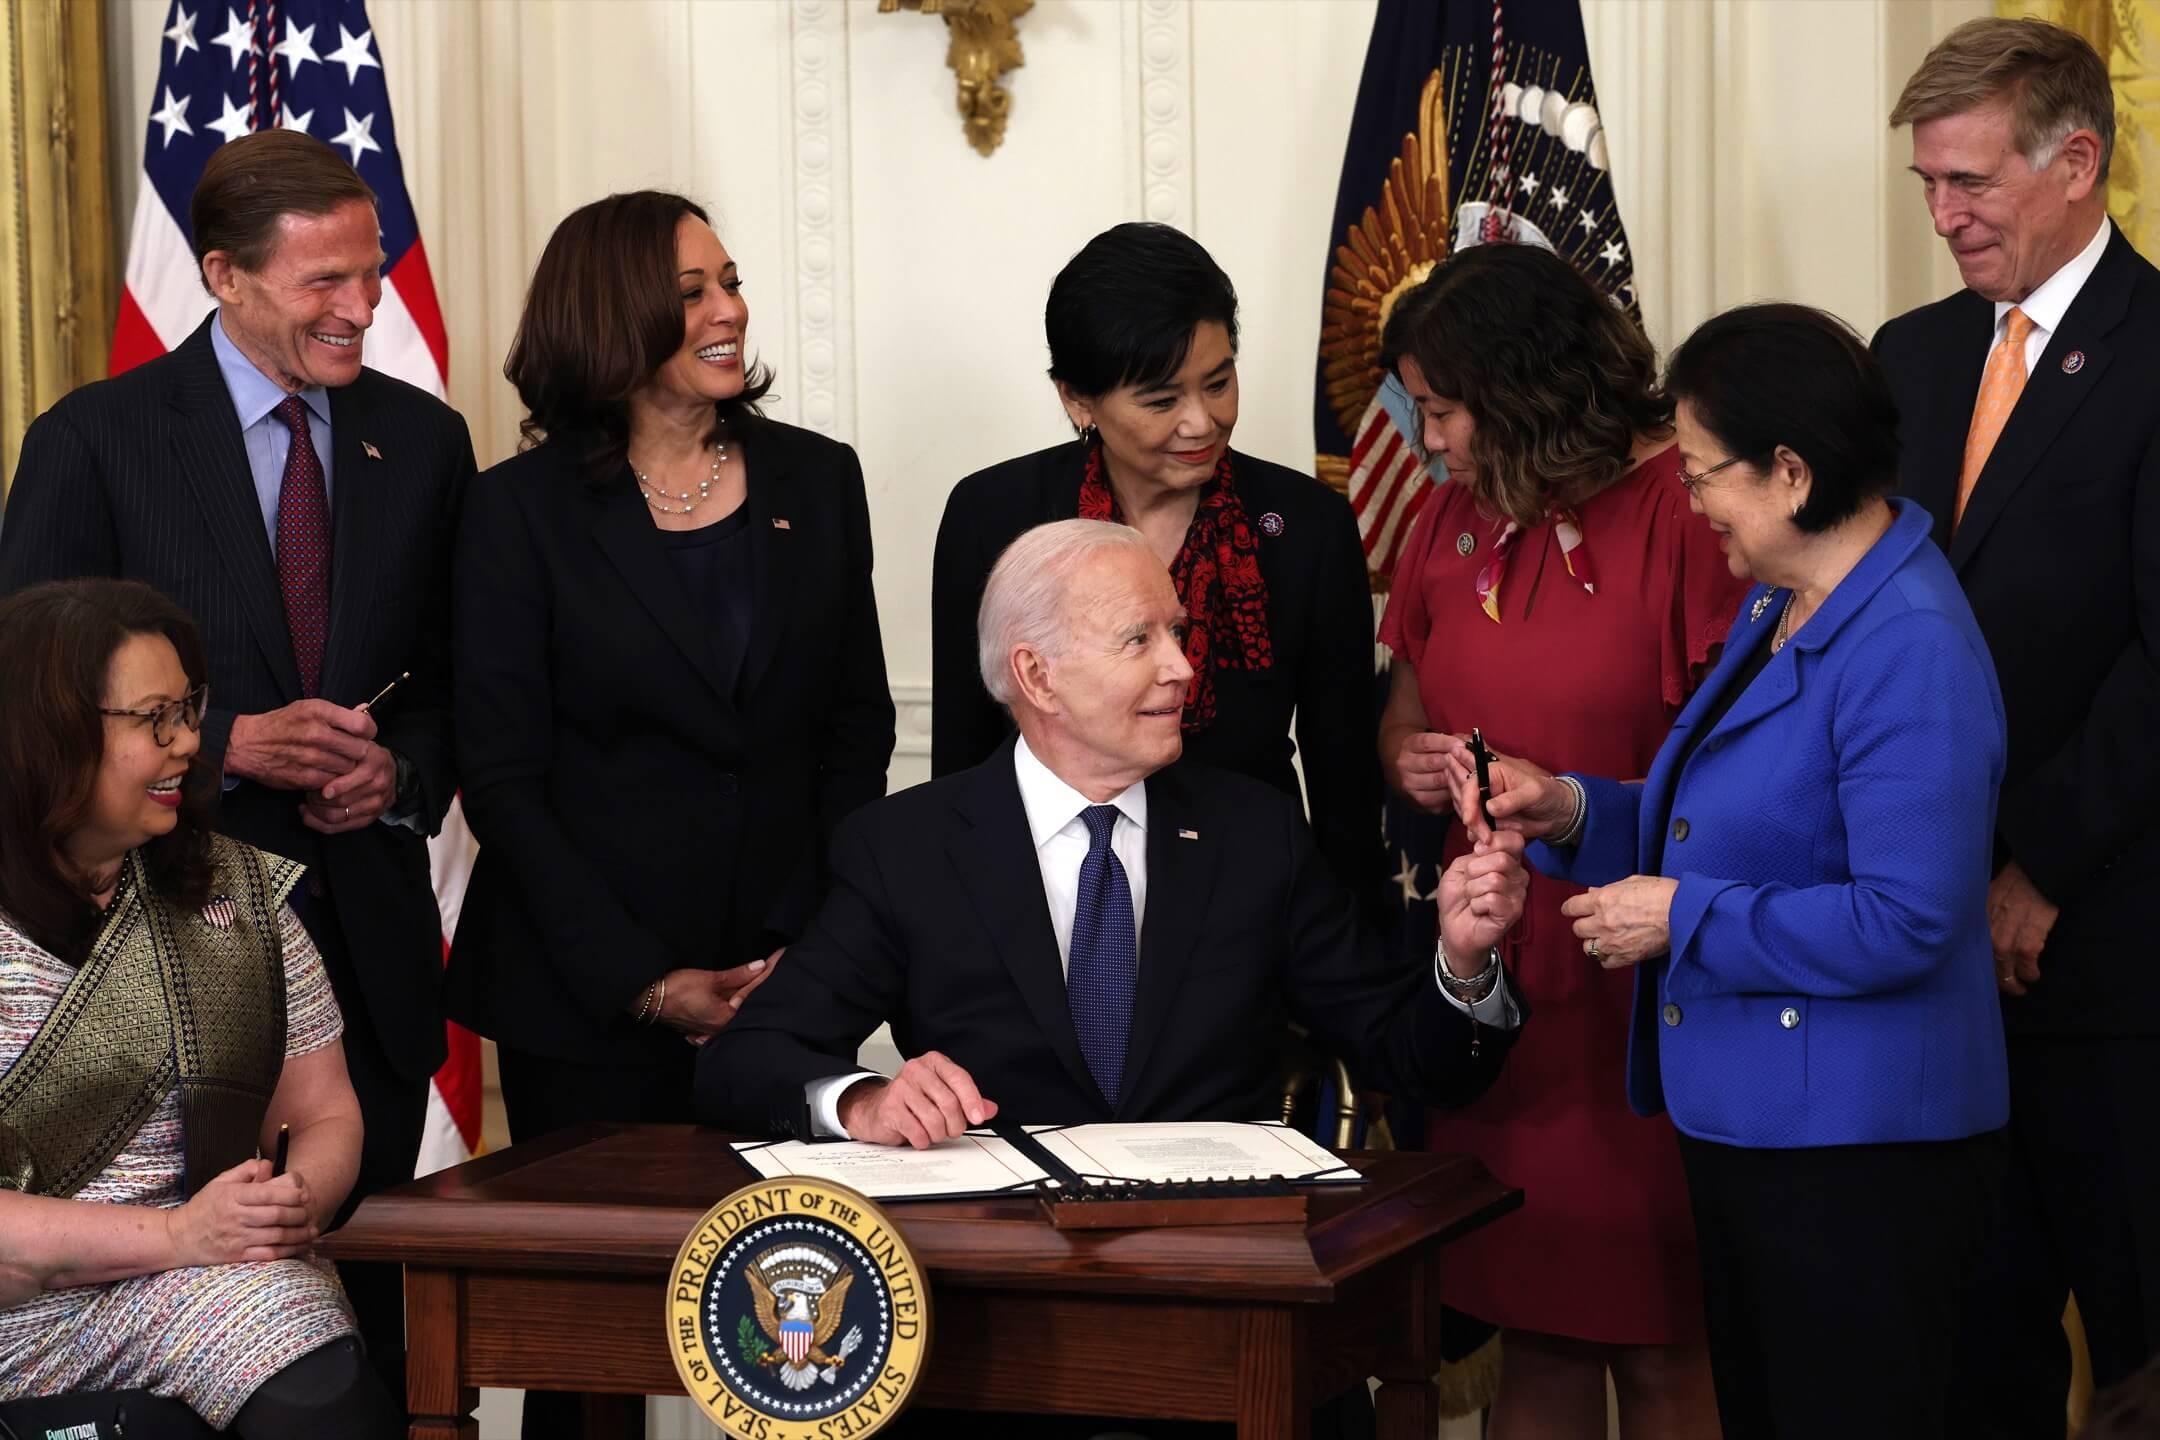 2021年5月20日,美國總統拜登在白宮東廳簽署反歧視亞裔法案,副總統賀錦麗、首位華裔女性眾議員趙美心(Judy Chu,中後)等人在場見證。 攝:Anna Moneymaker/Getty Images